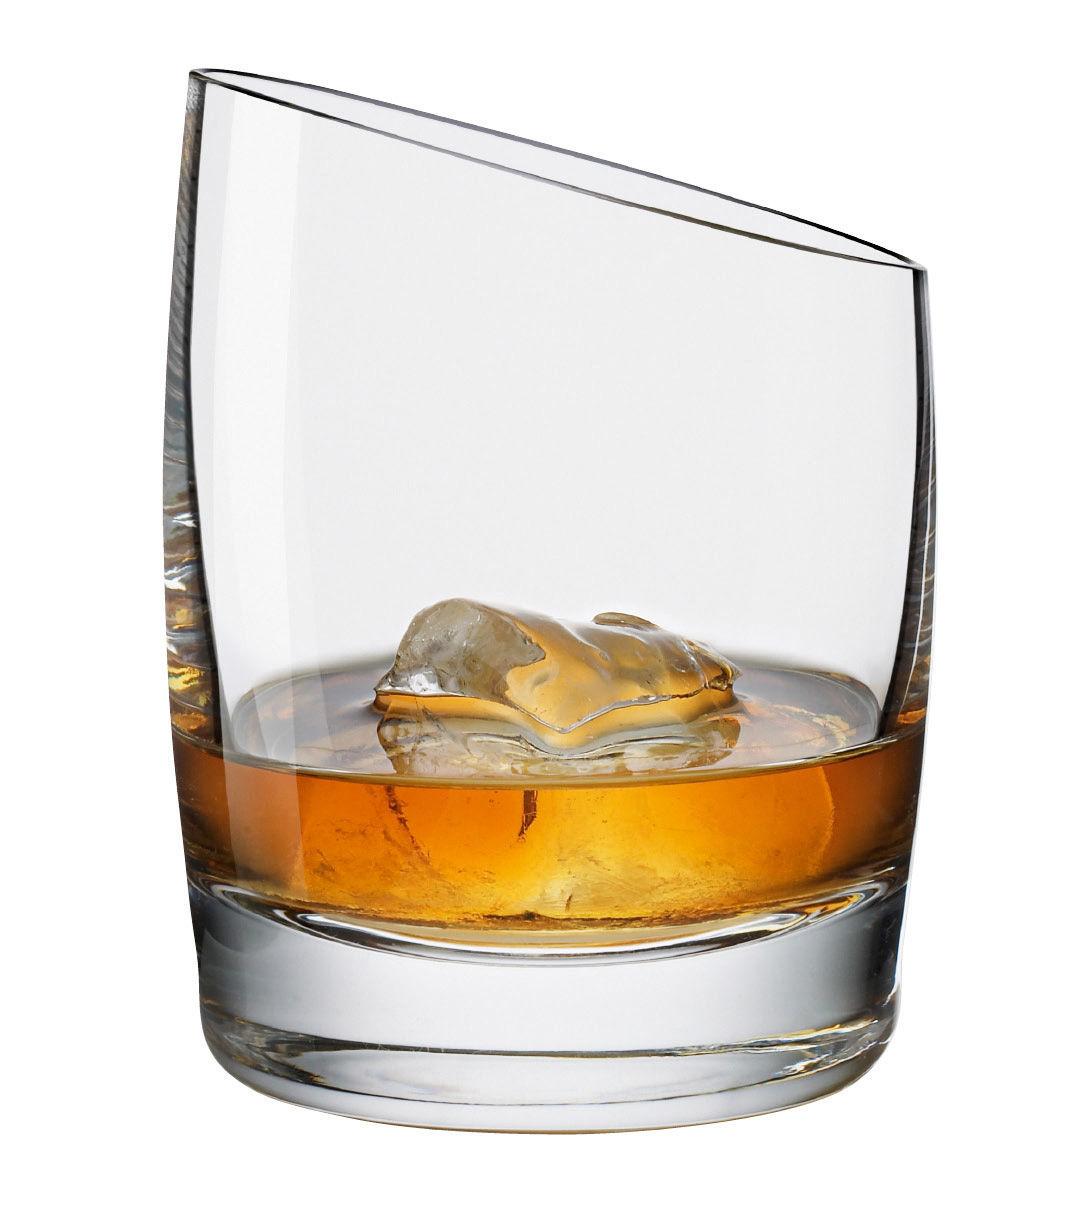 Tavola - Bicchieri  - Bicchiere da whisky di Eva Solo - Whisky - Vetro soffiato a bocca